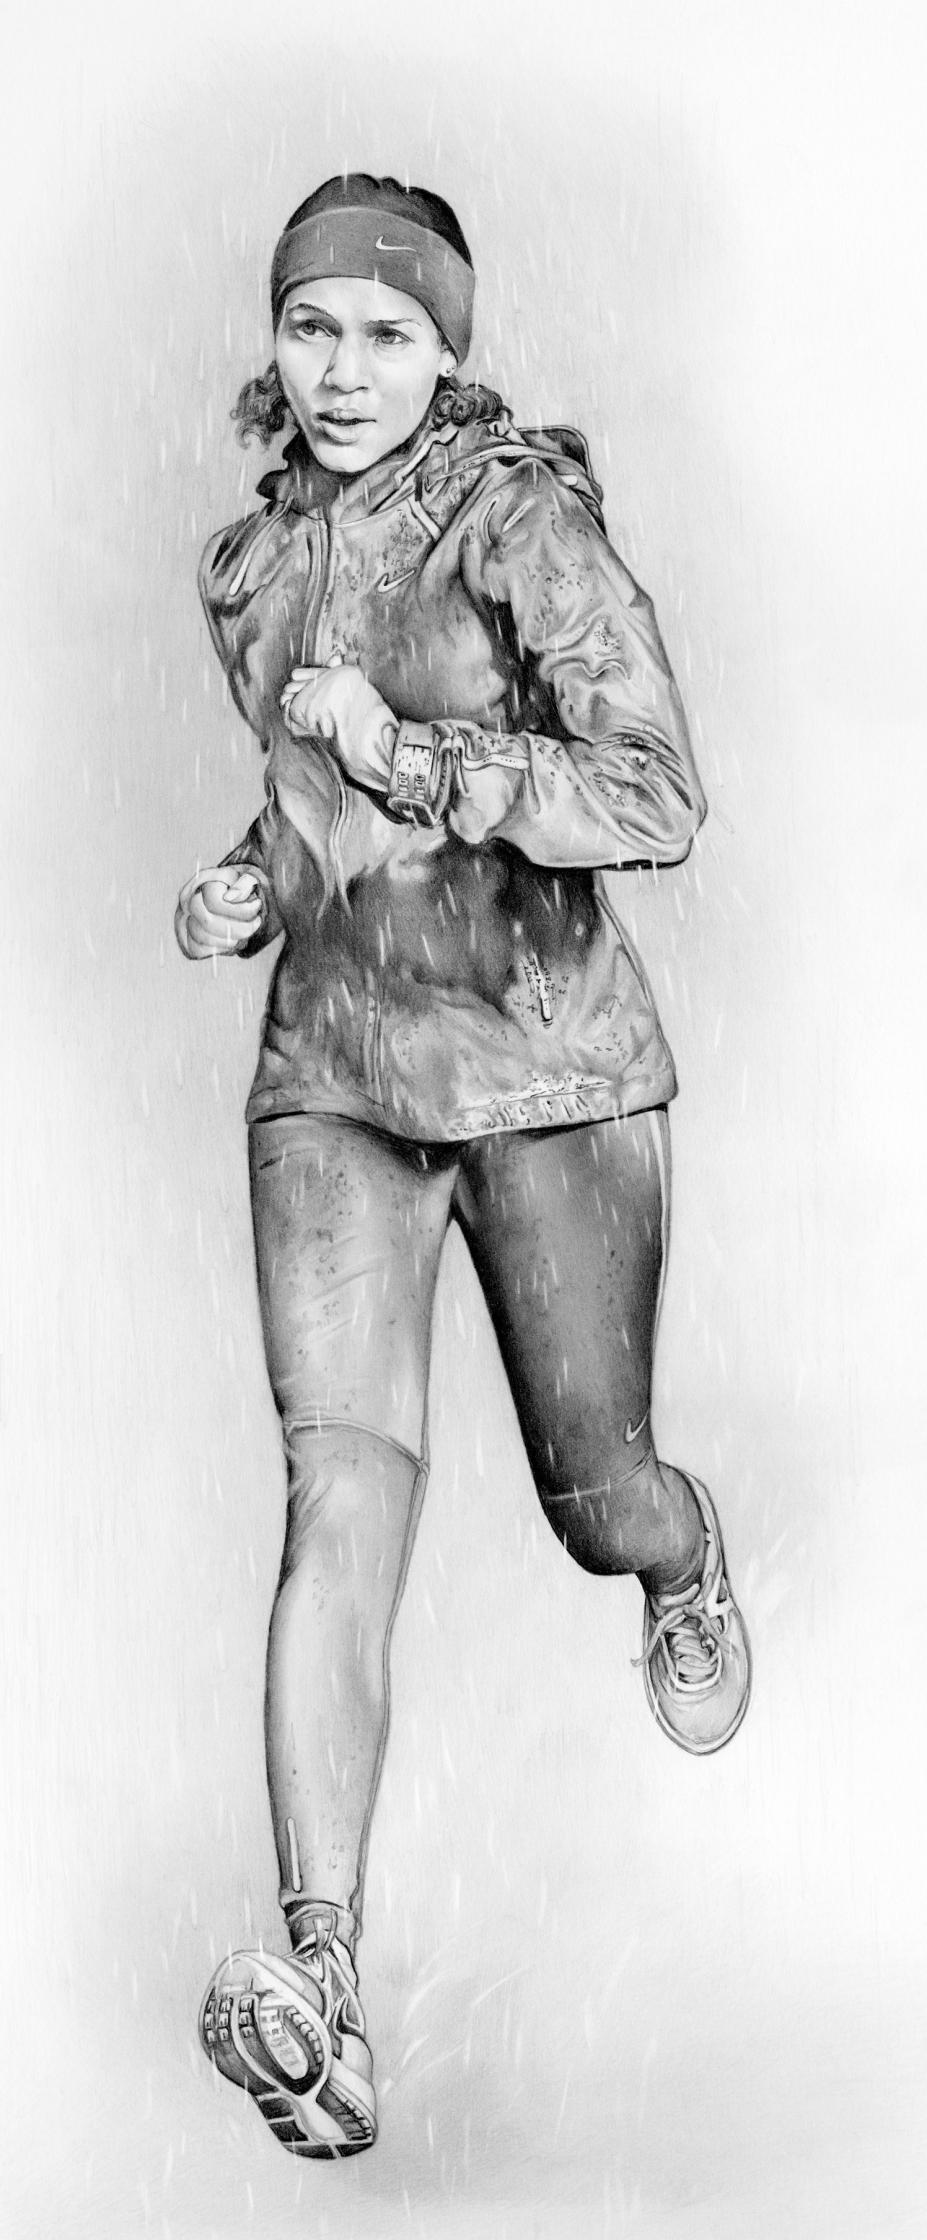 Nike Running Gear Female Runner In Rain